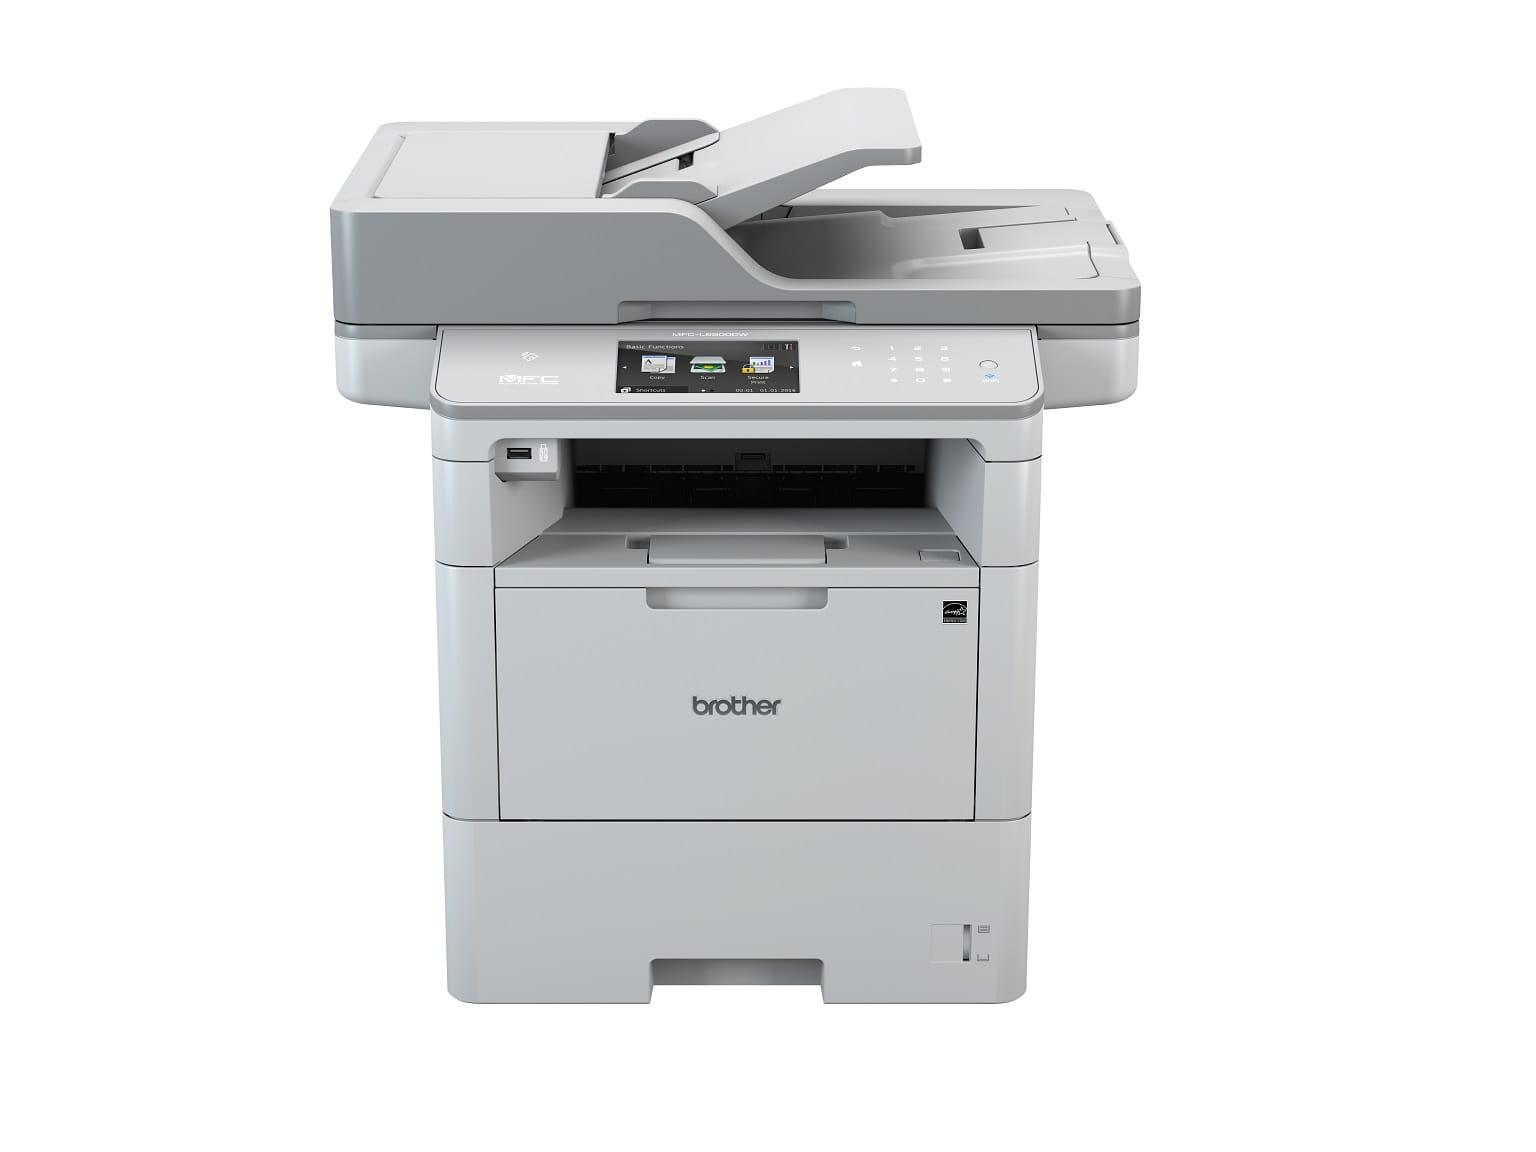 Brother MFCL6900DW stampante multifunzione laser A4 ad altissima velocità